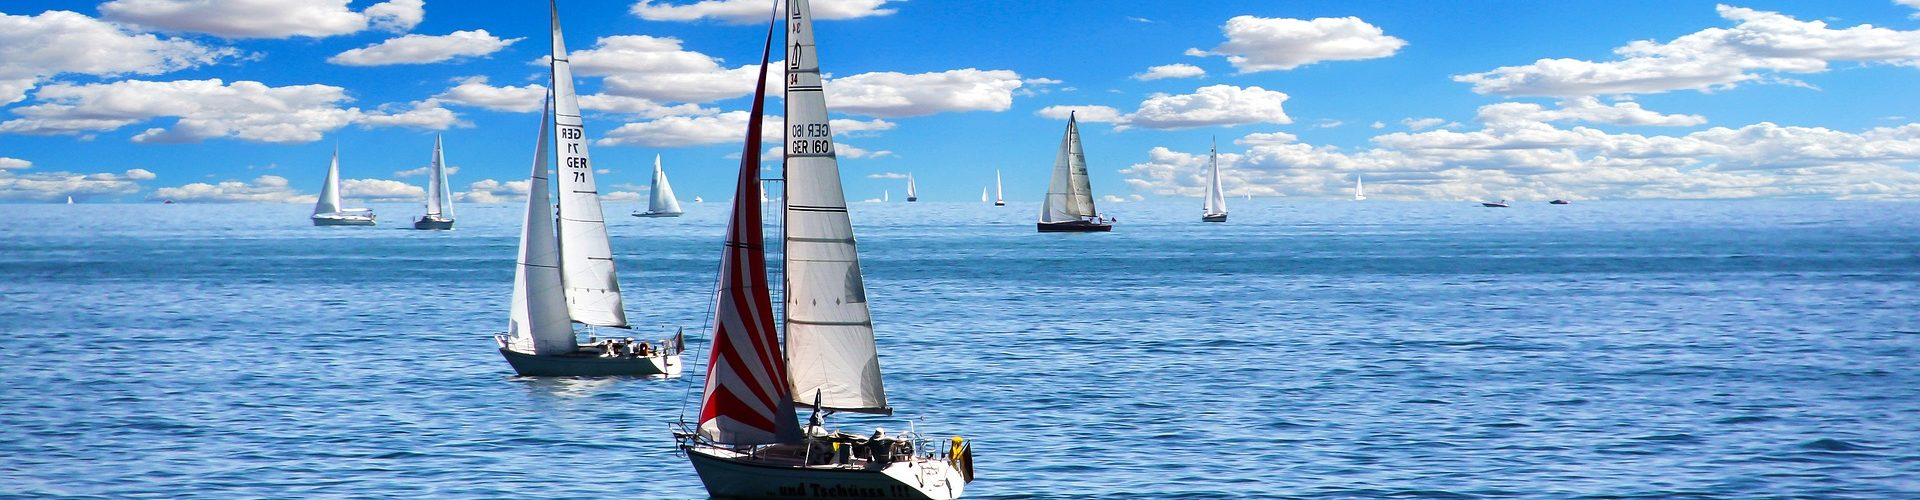 segeln lernen in Gifhorn segelschein machen in Gifhorn 1920x500 - Segeln lernen in Gifhorn